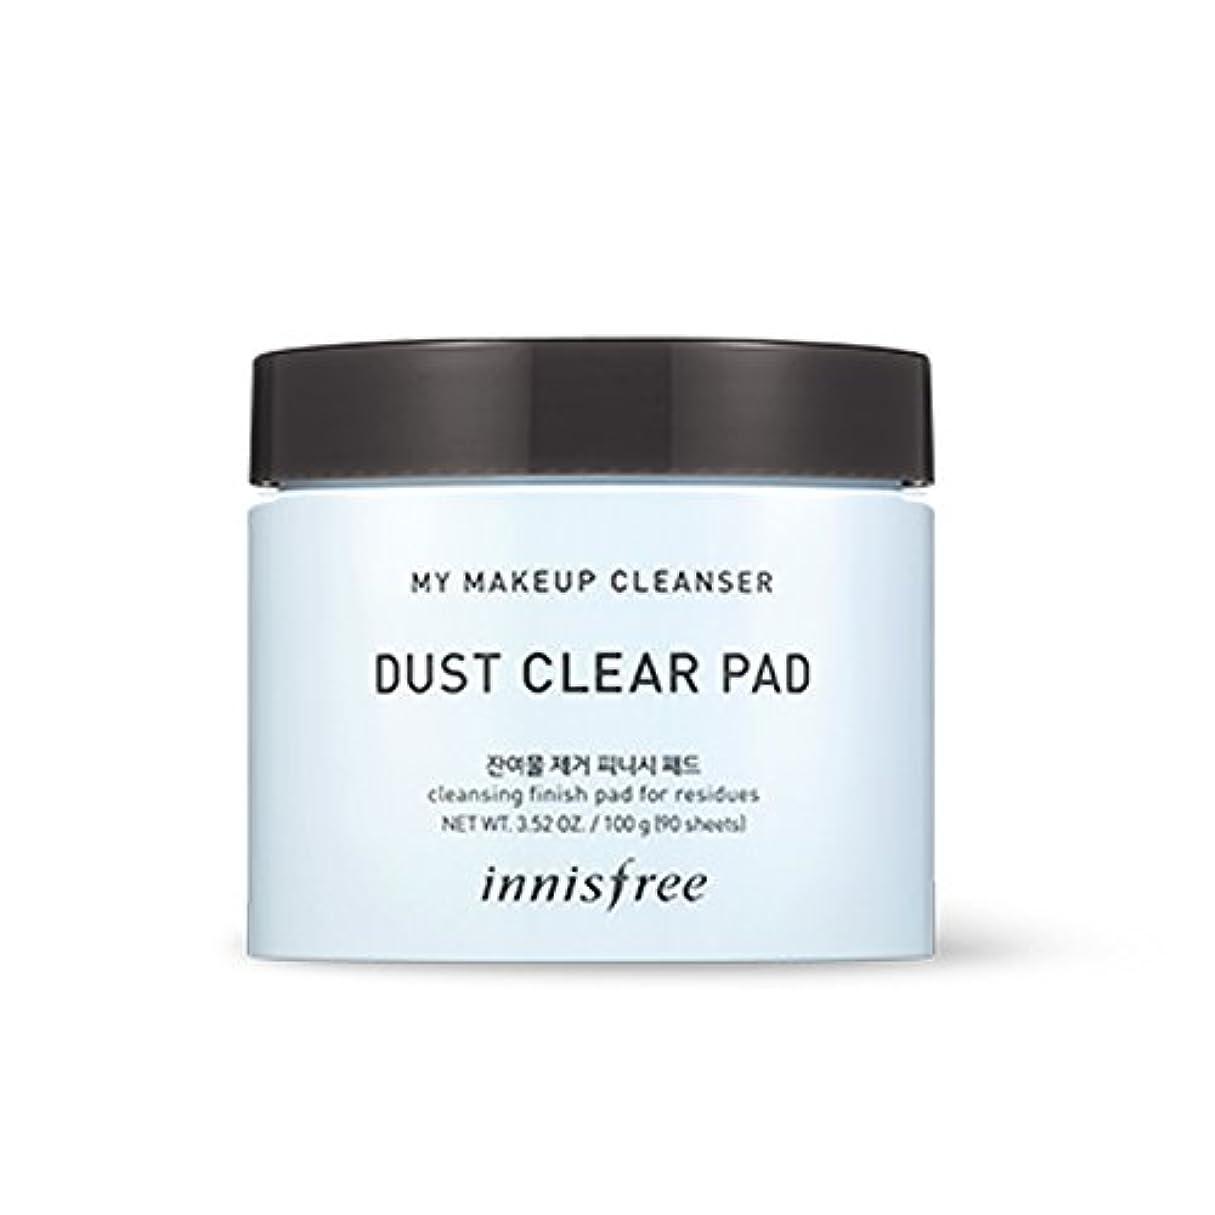 レキシコン野望サンダルイニスフリーマイメイクアップクレンザー - ダストクリアパッド90ea x 1個 Innisfree My Makeup Cleanser - Dust Clear Pad 90ea x 1pcs [海外直送品][並行輸入品]